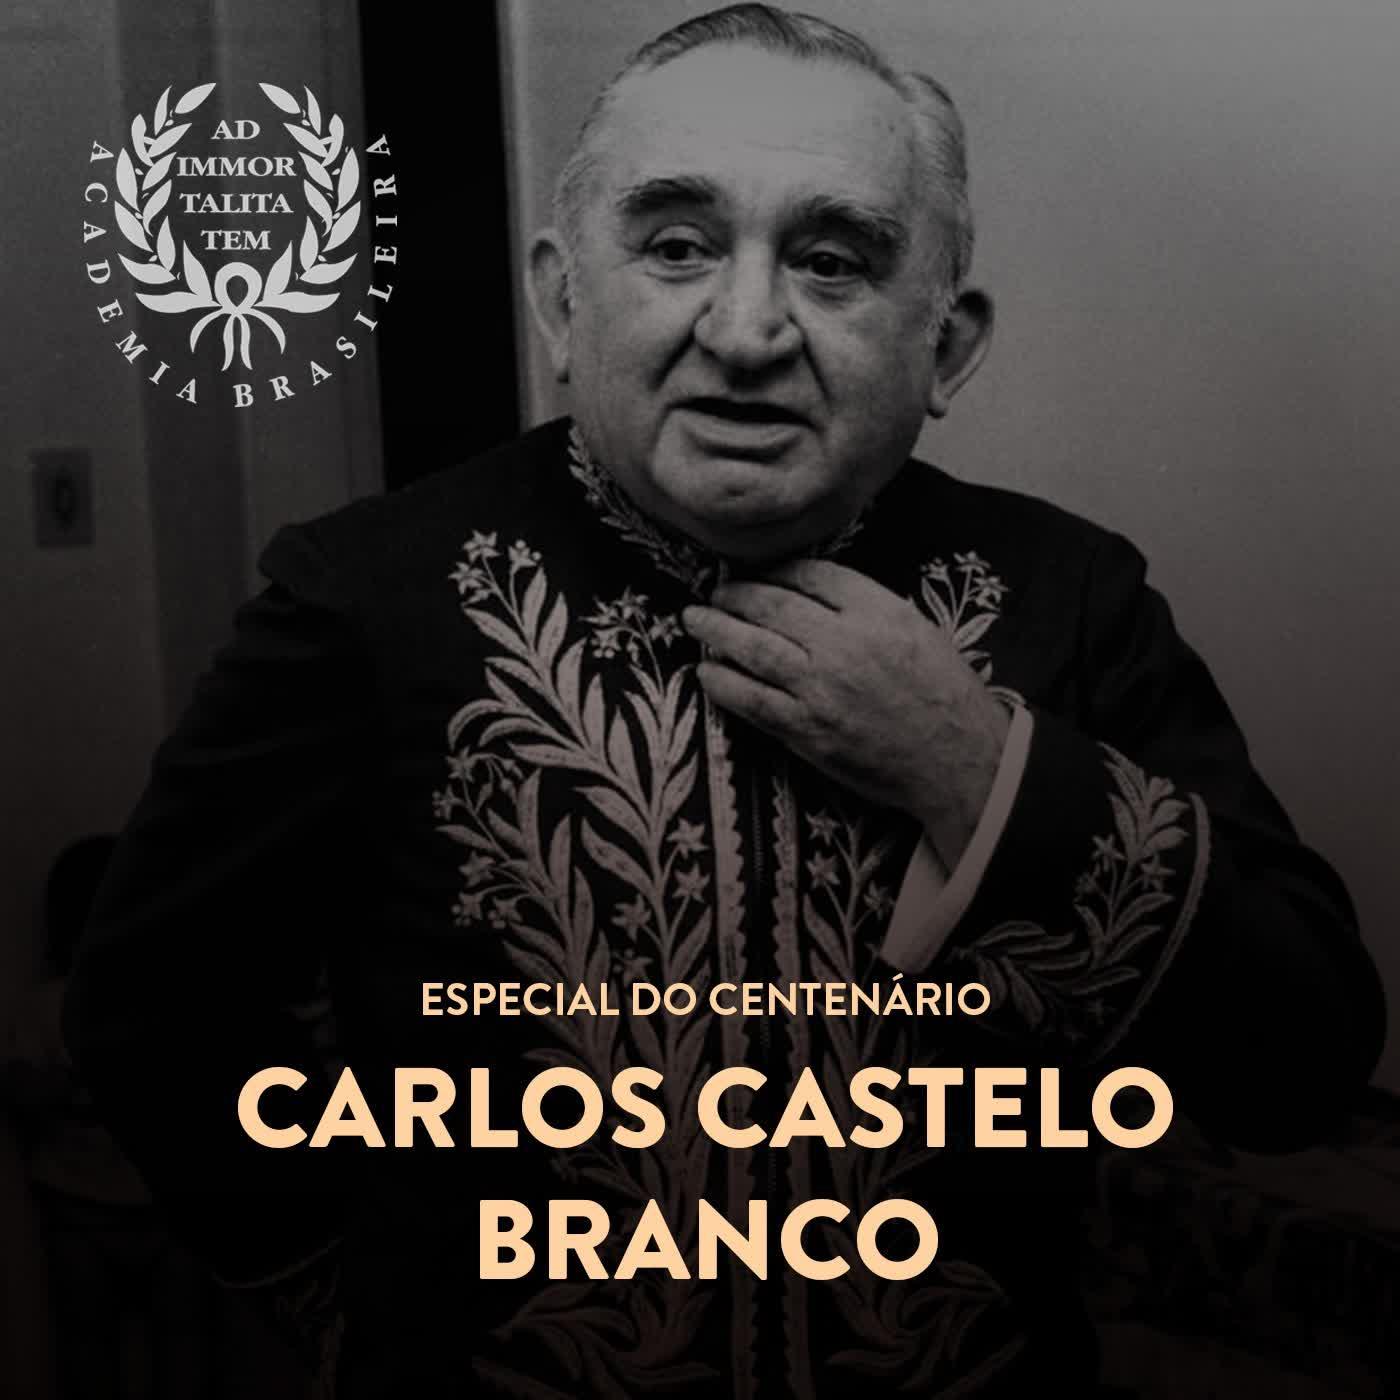 Podcast: Especial do Centenário de Carlos Castelo Branco | Acadêmico Merval Pereira